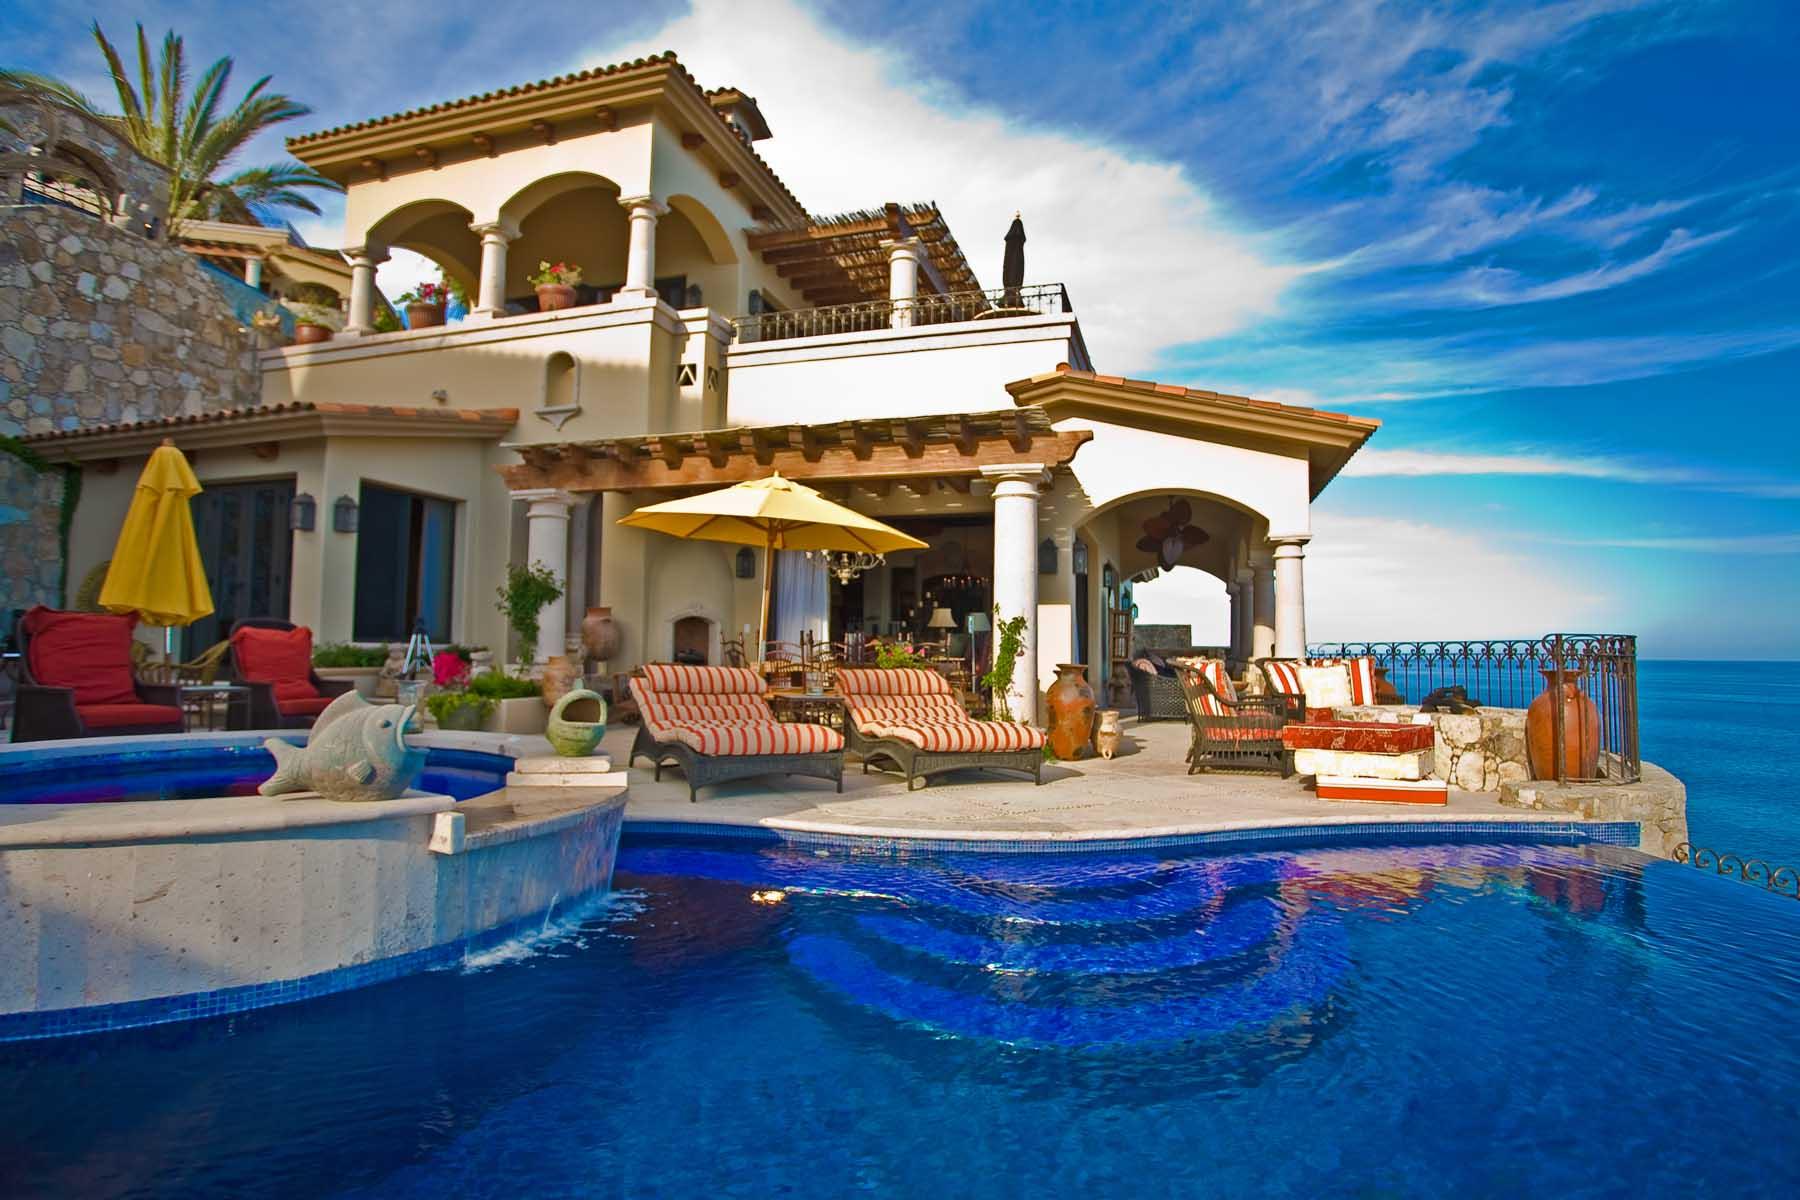 Noticias | Luxury | Casas de Lujo en Playa Palmilla